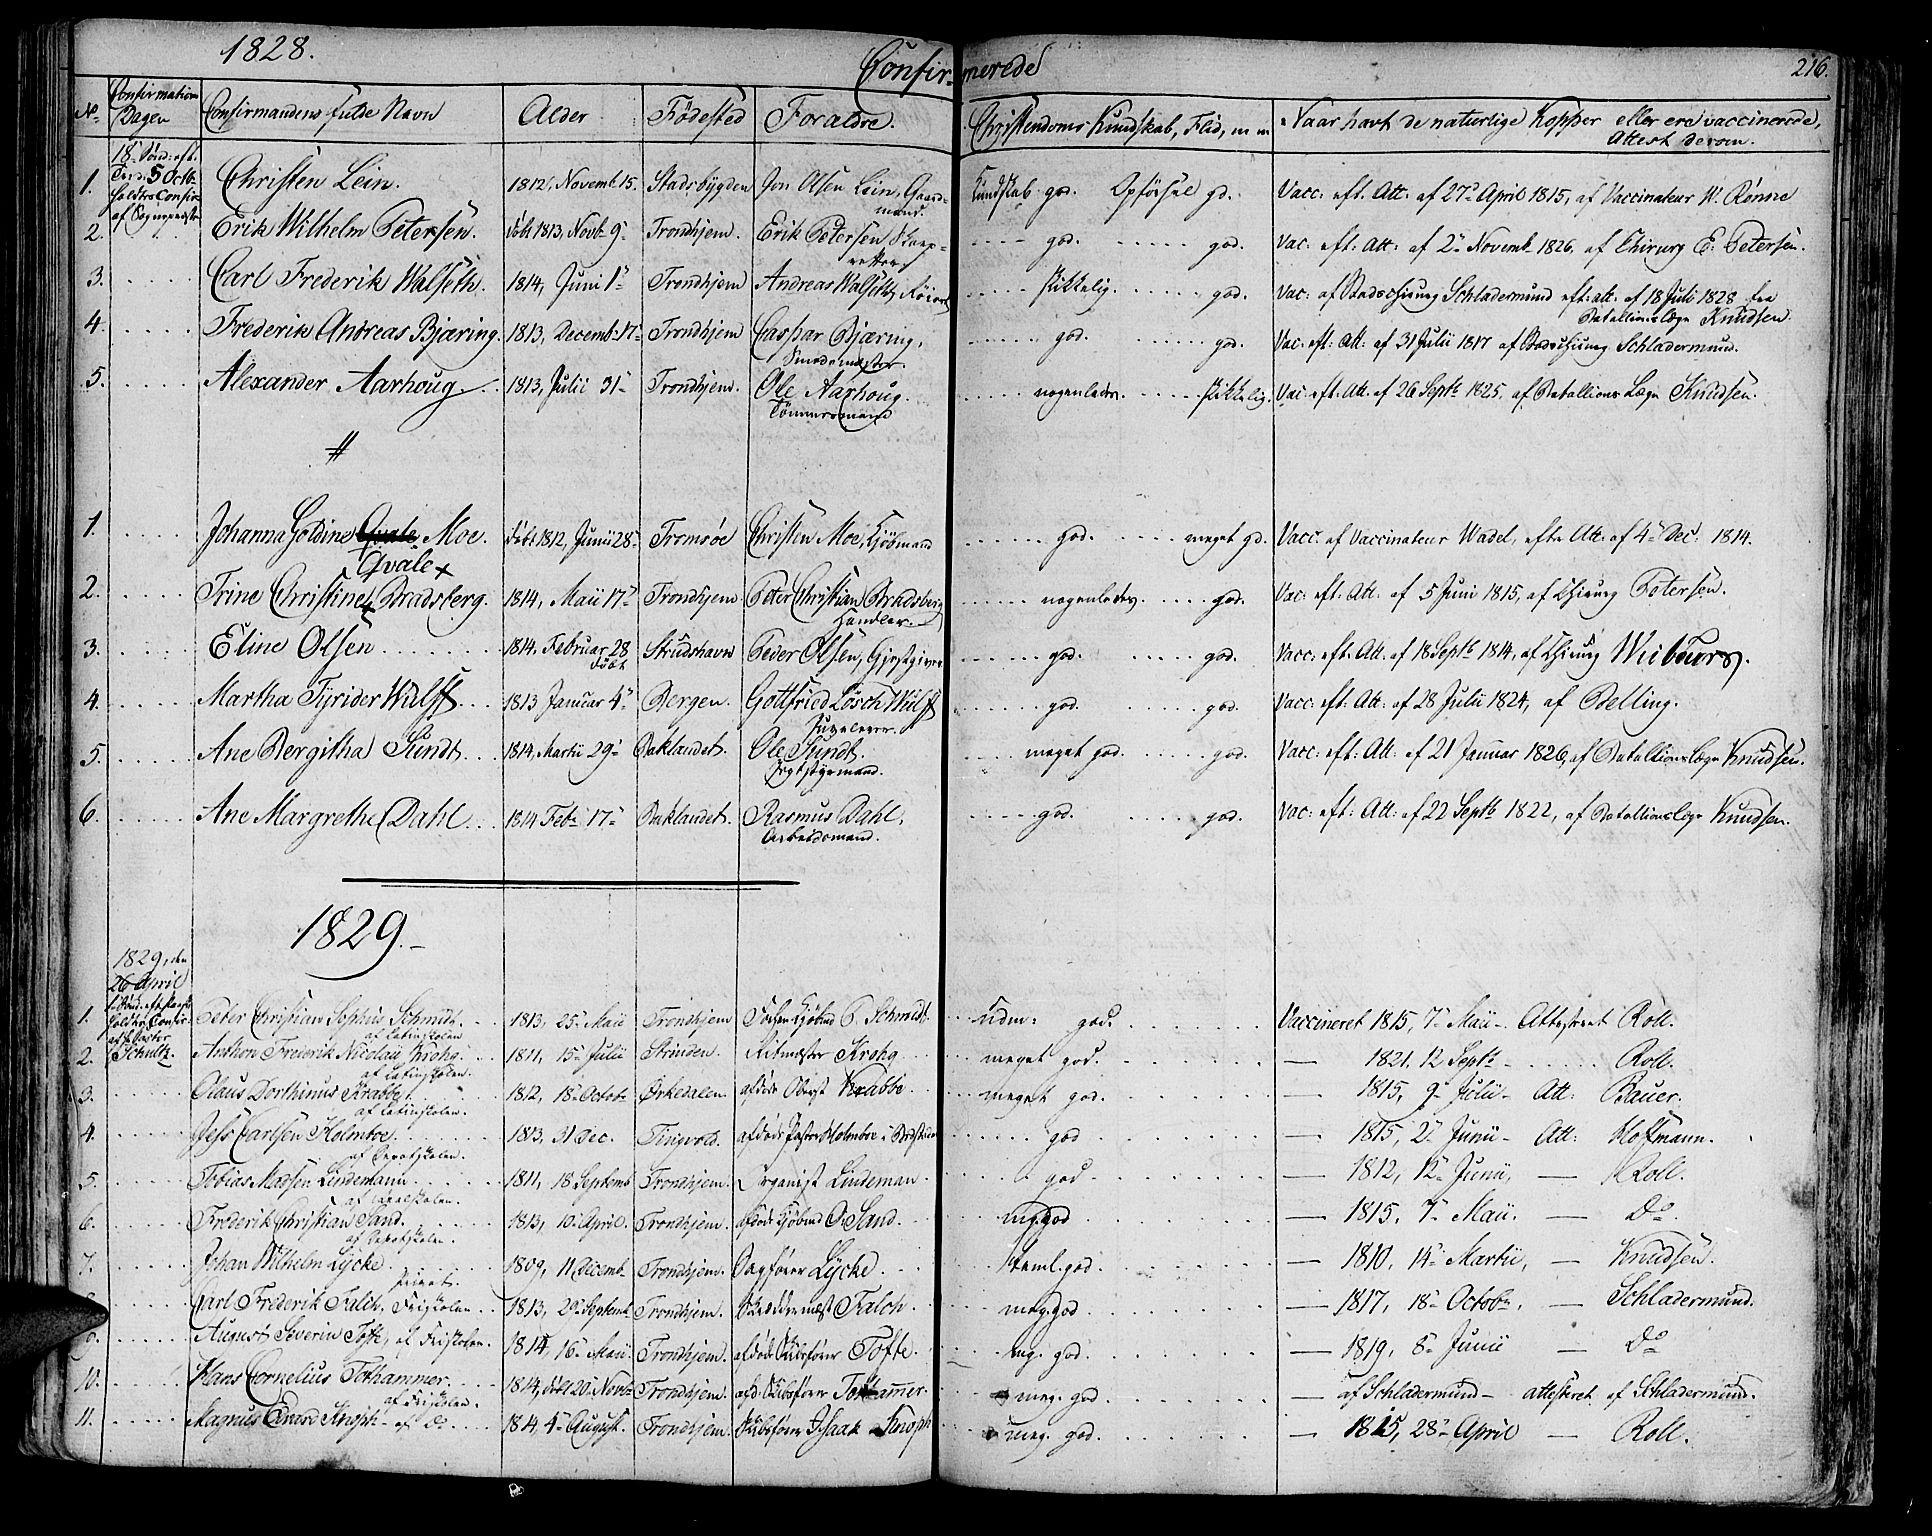 SAT, Ministerialprotokoller, klokkerbøker og fødselsregistre - Sør-Trøndelag, 602/L0108: Ministerialbok nr. 602A06, 1821-1839, s. 216